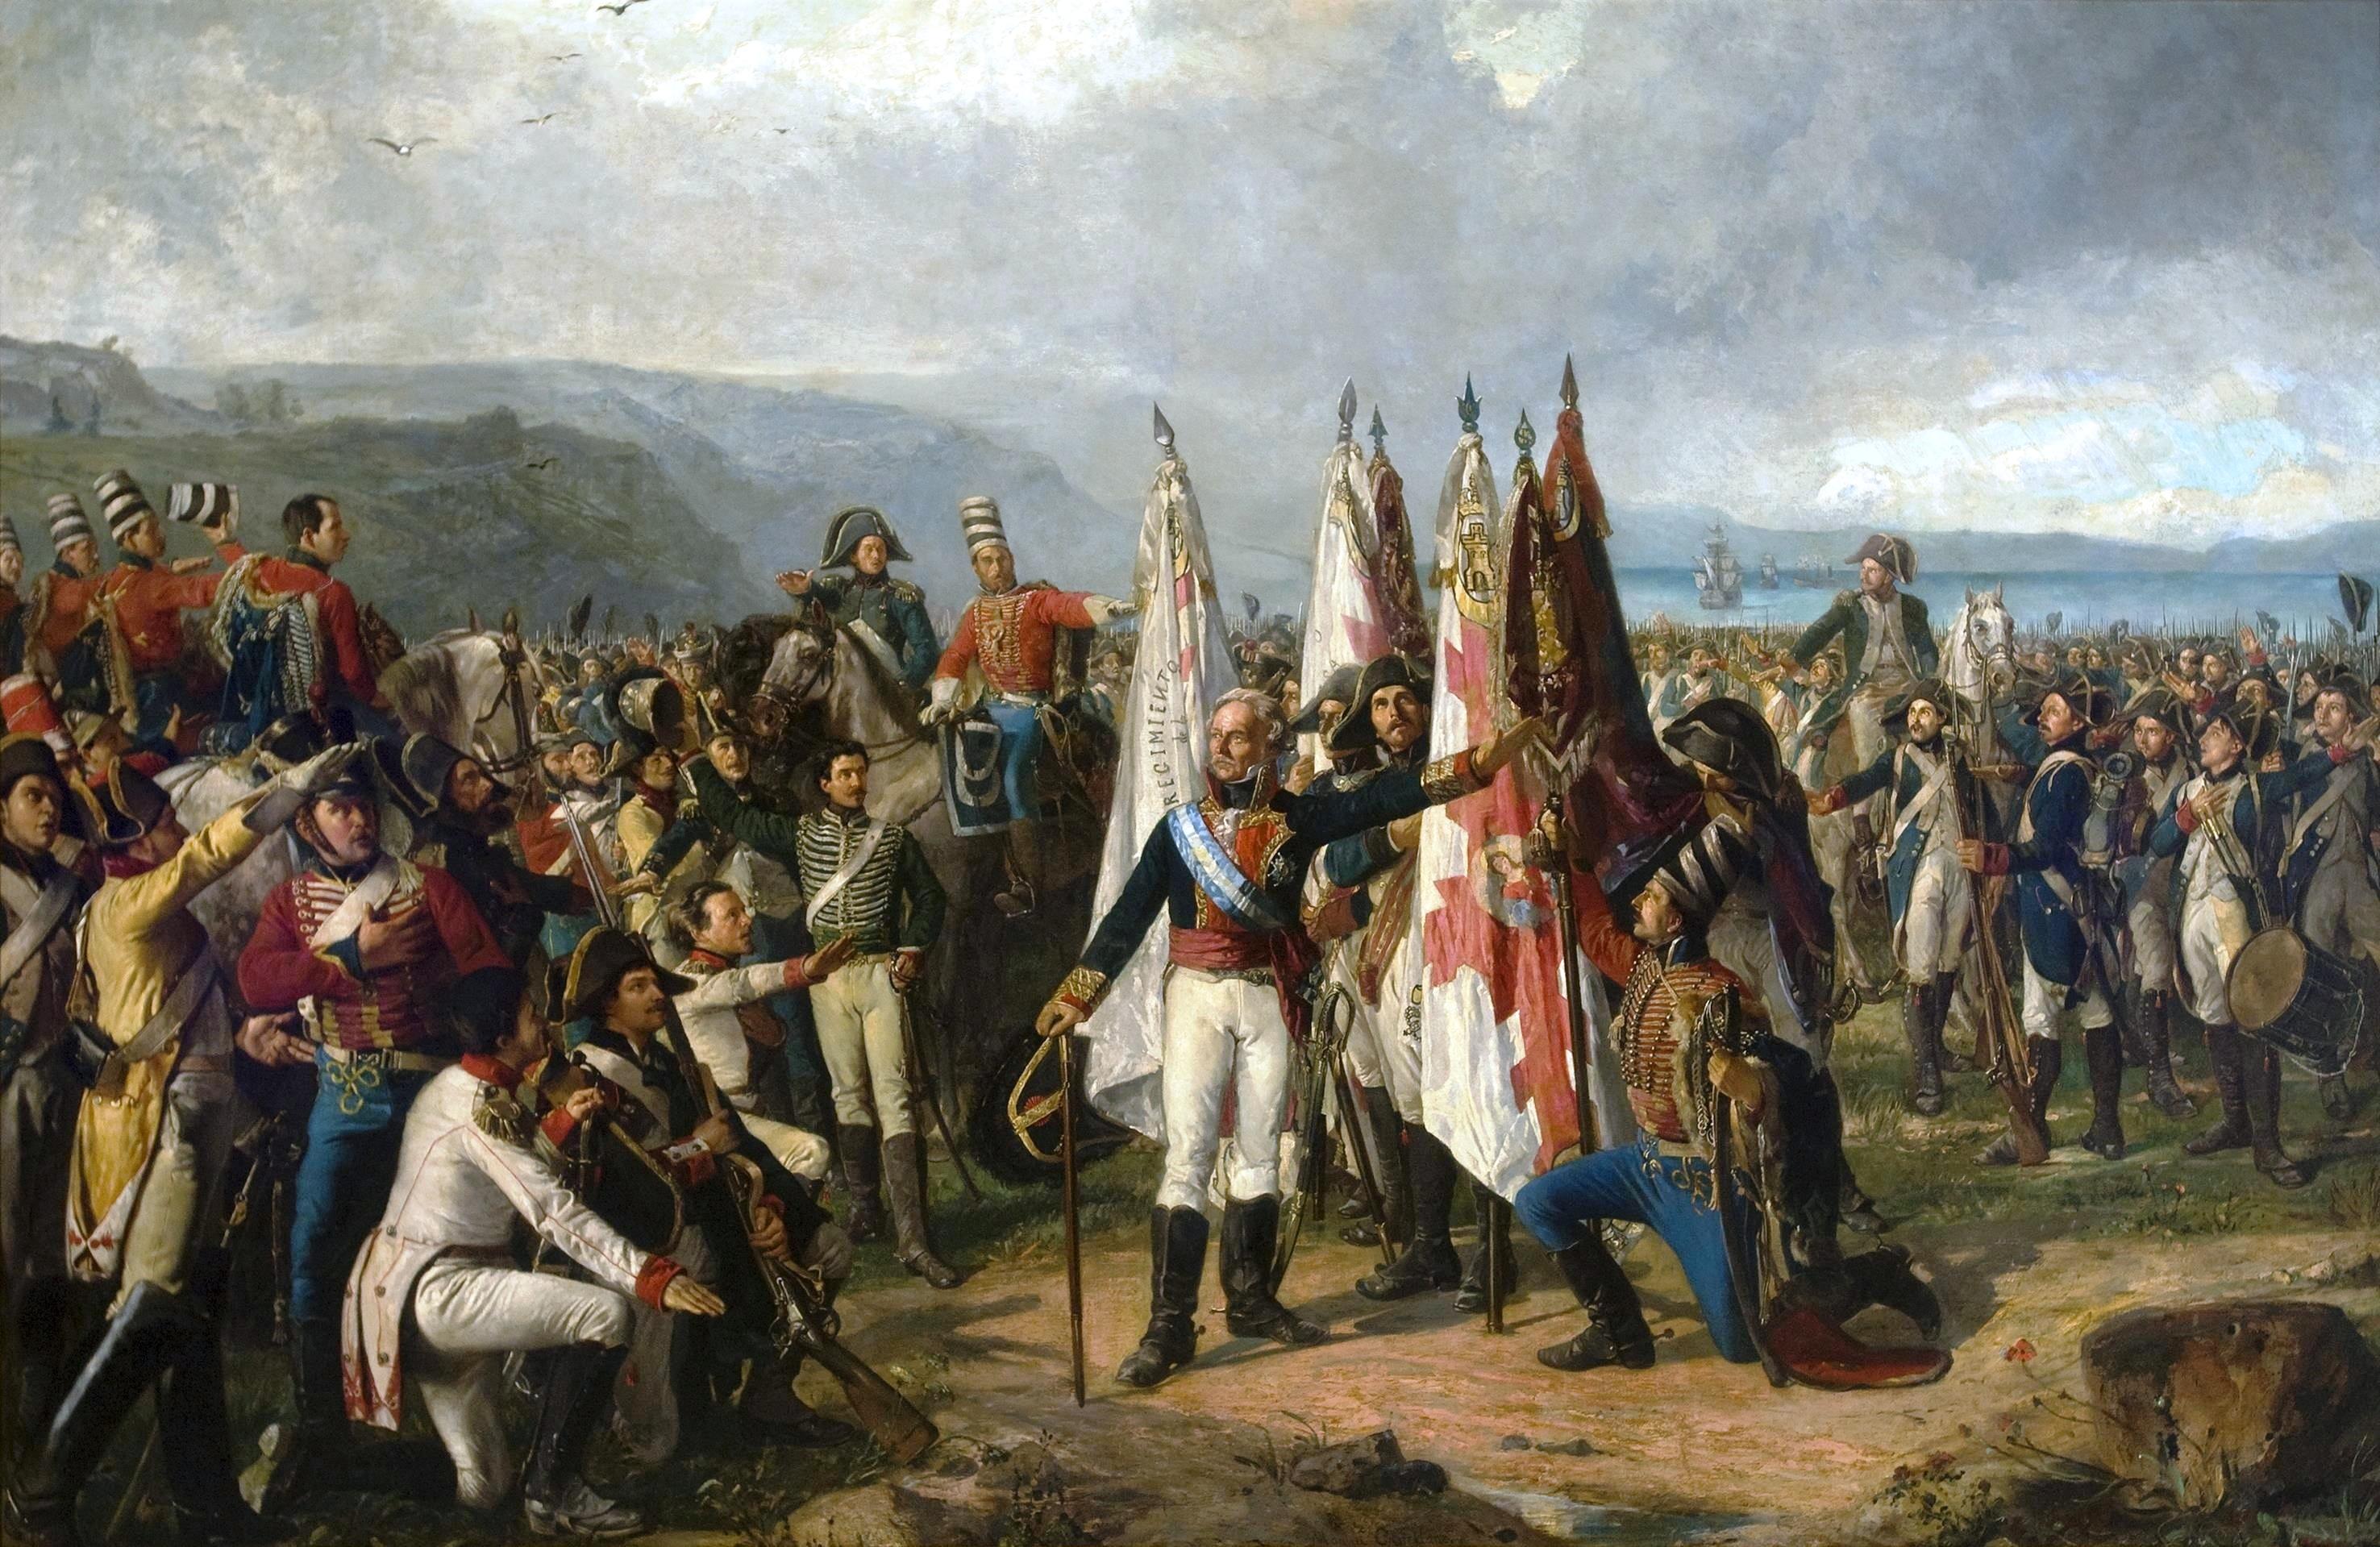 Los papeles perdidos de Rafael de Llanza y Valls (L'Aigle) El_juramento_de_las_tropas_del_Marqu%C3%A9s_de_la_Romana